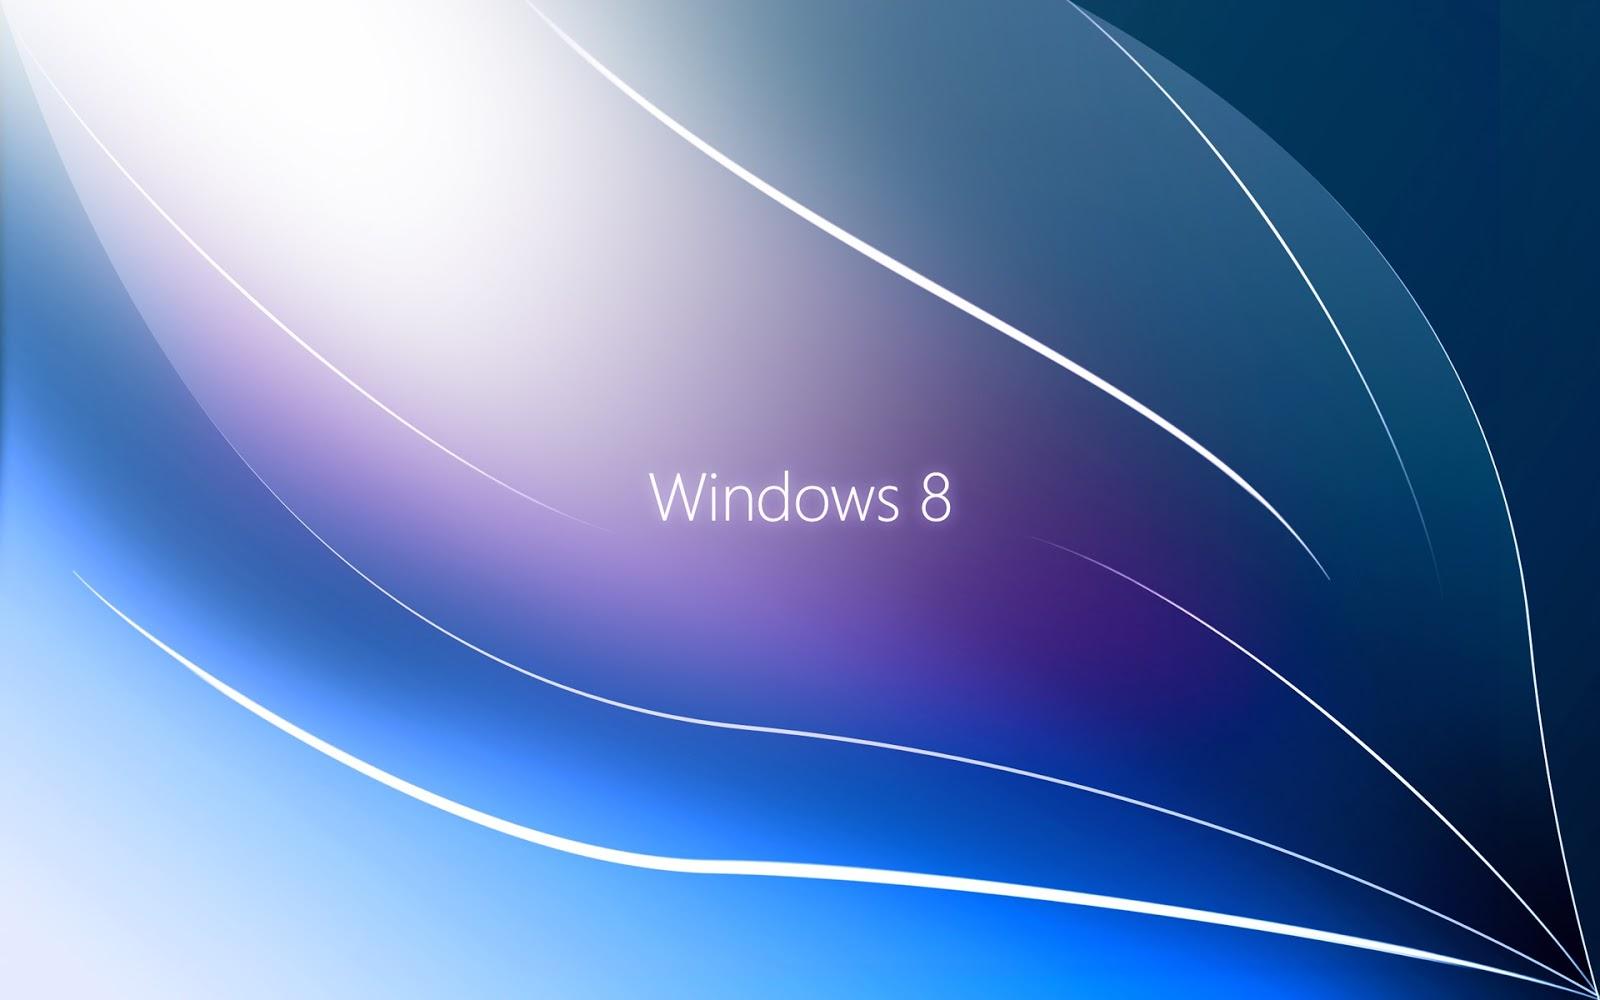 windows wallpaperlswindow 8 desktop background hd wallpaperswindow 1600x1000